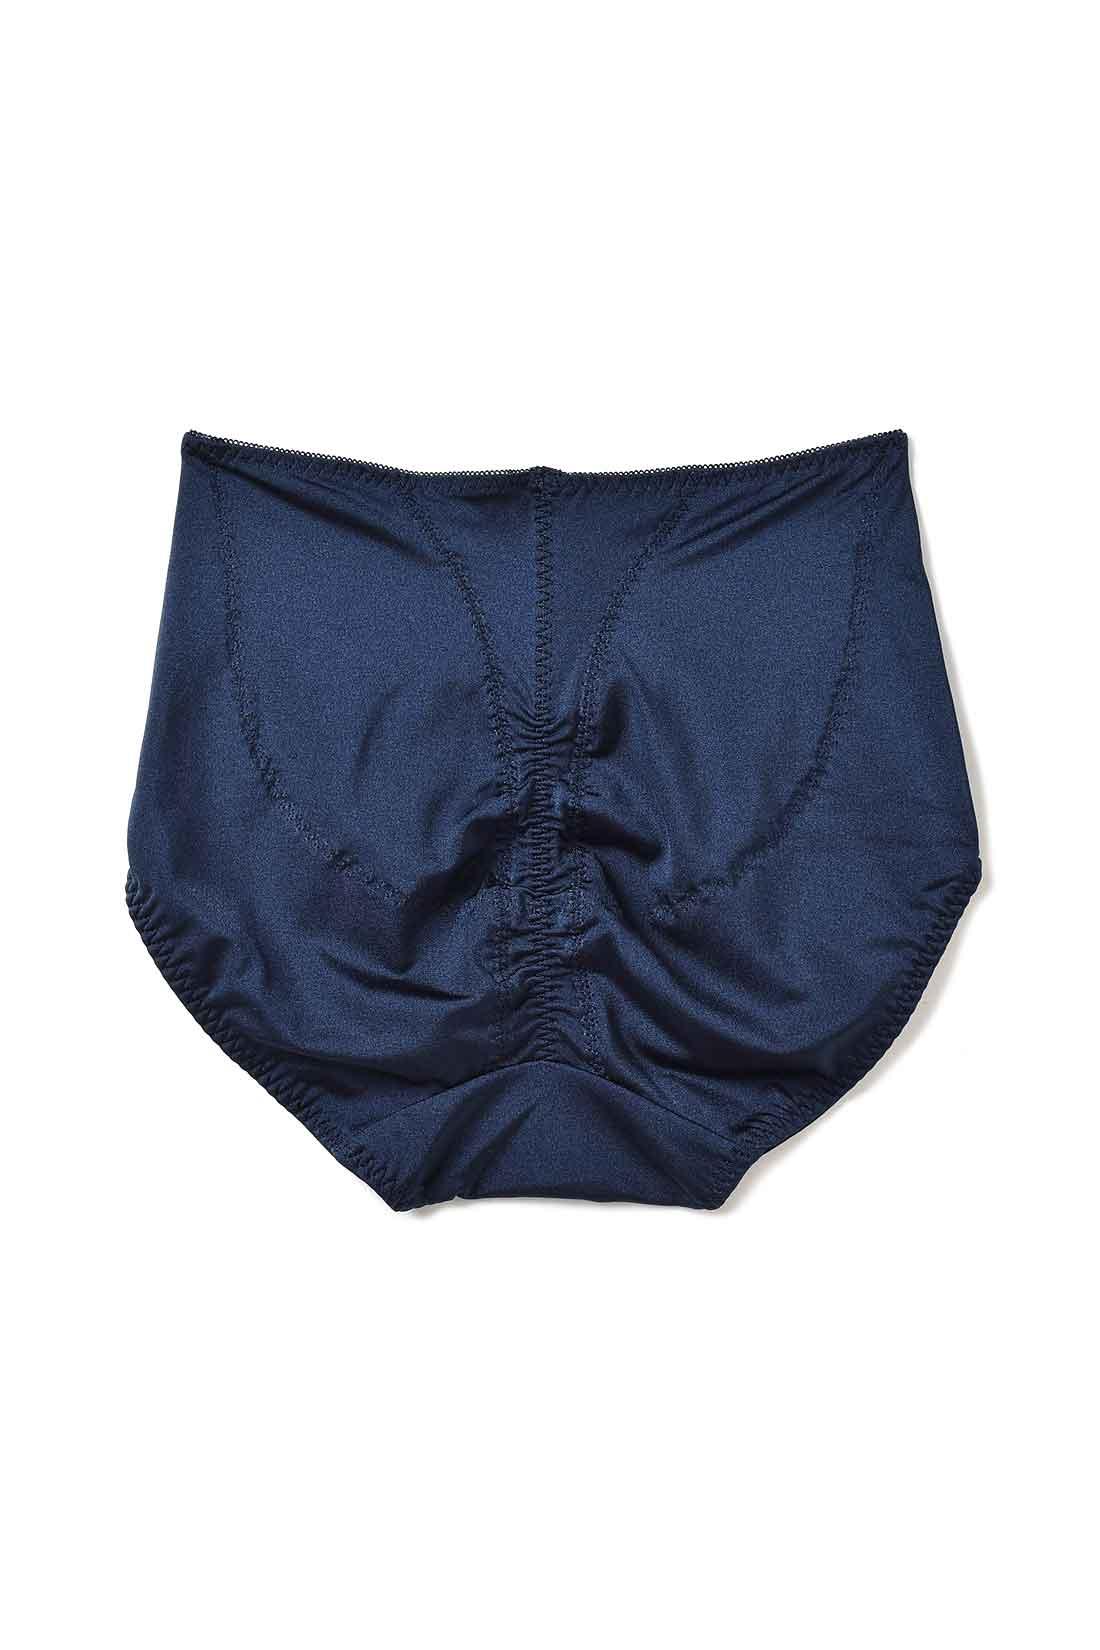 Back 4枚の生地縫製とギャザーで立体的な丸尻に。